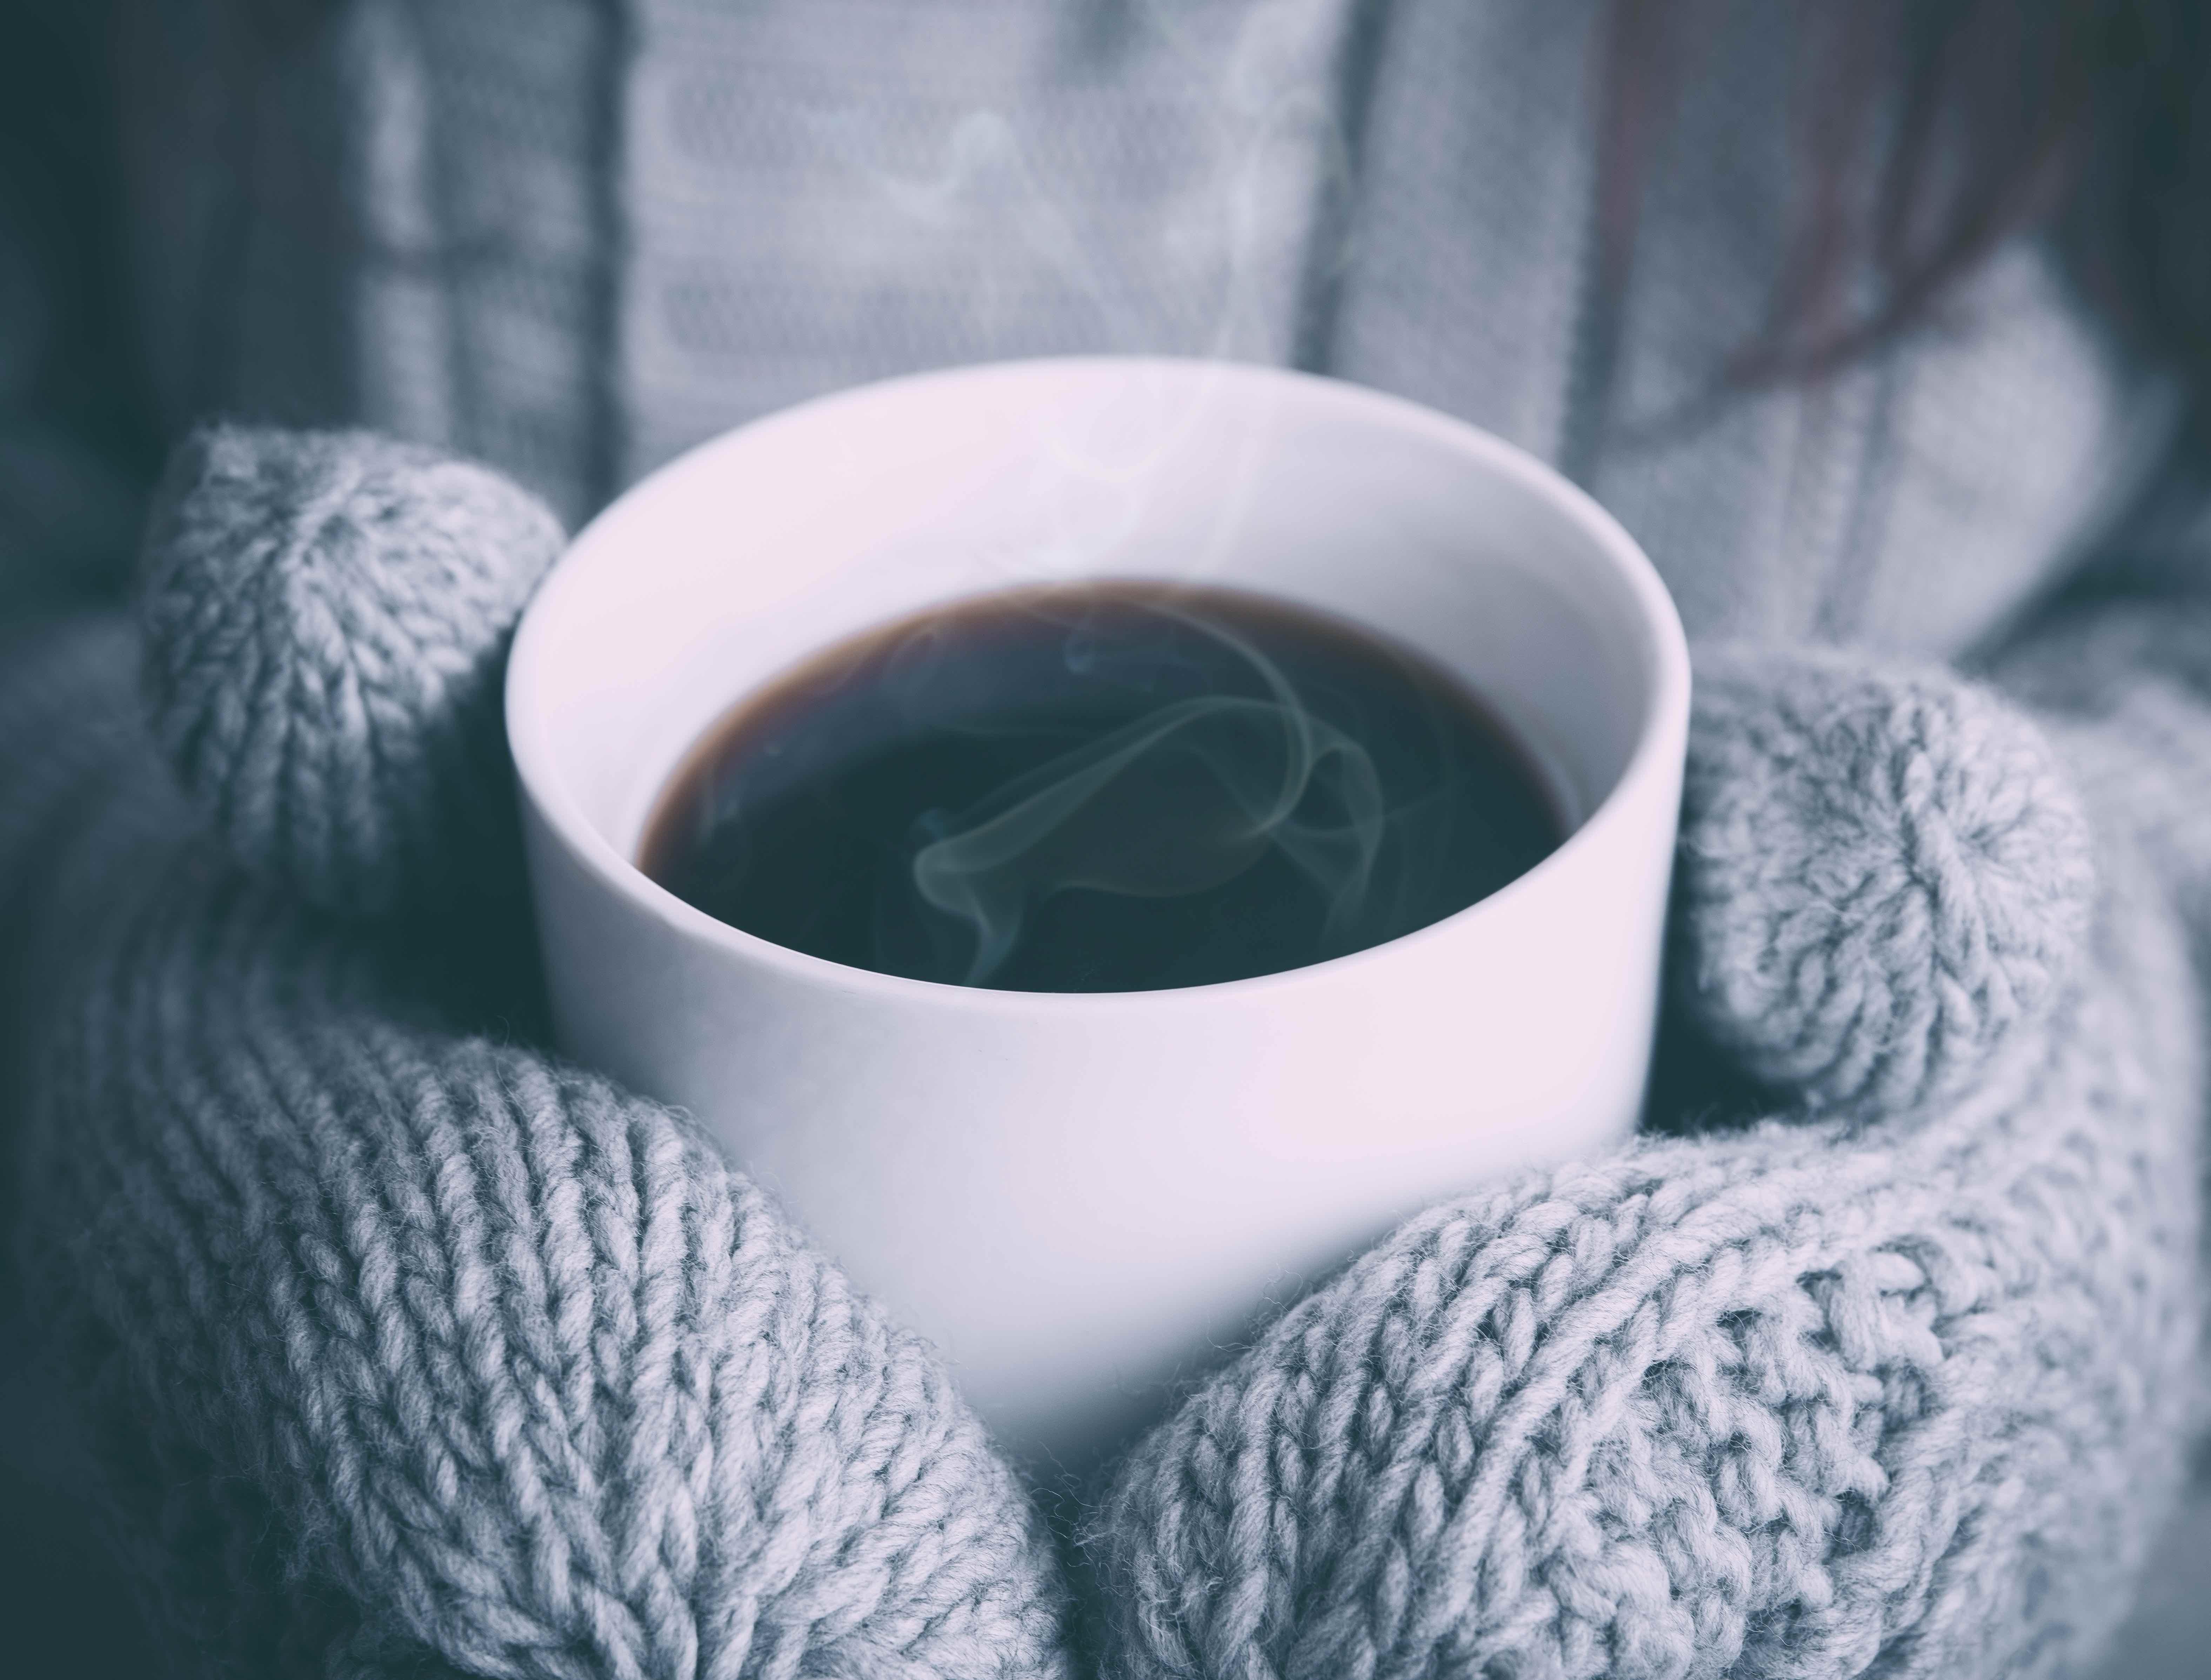 Una persona sostiene en sus manos, con guantes, una taza con una bebida caliente.